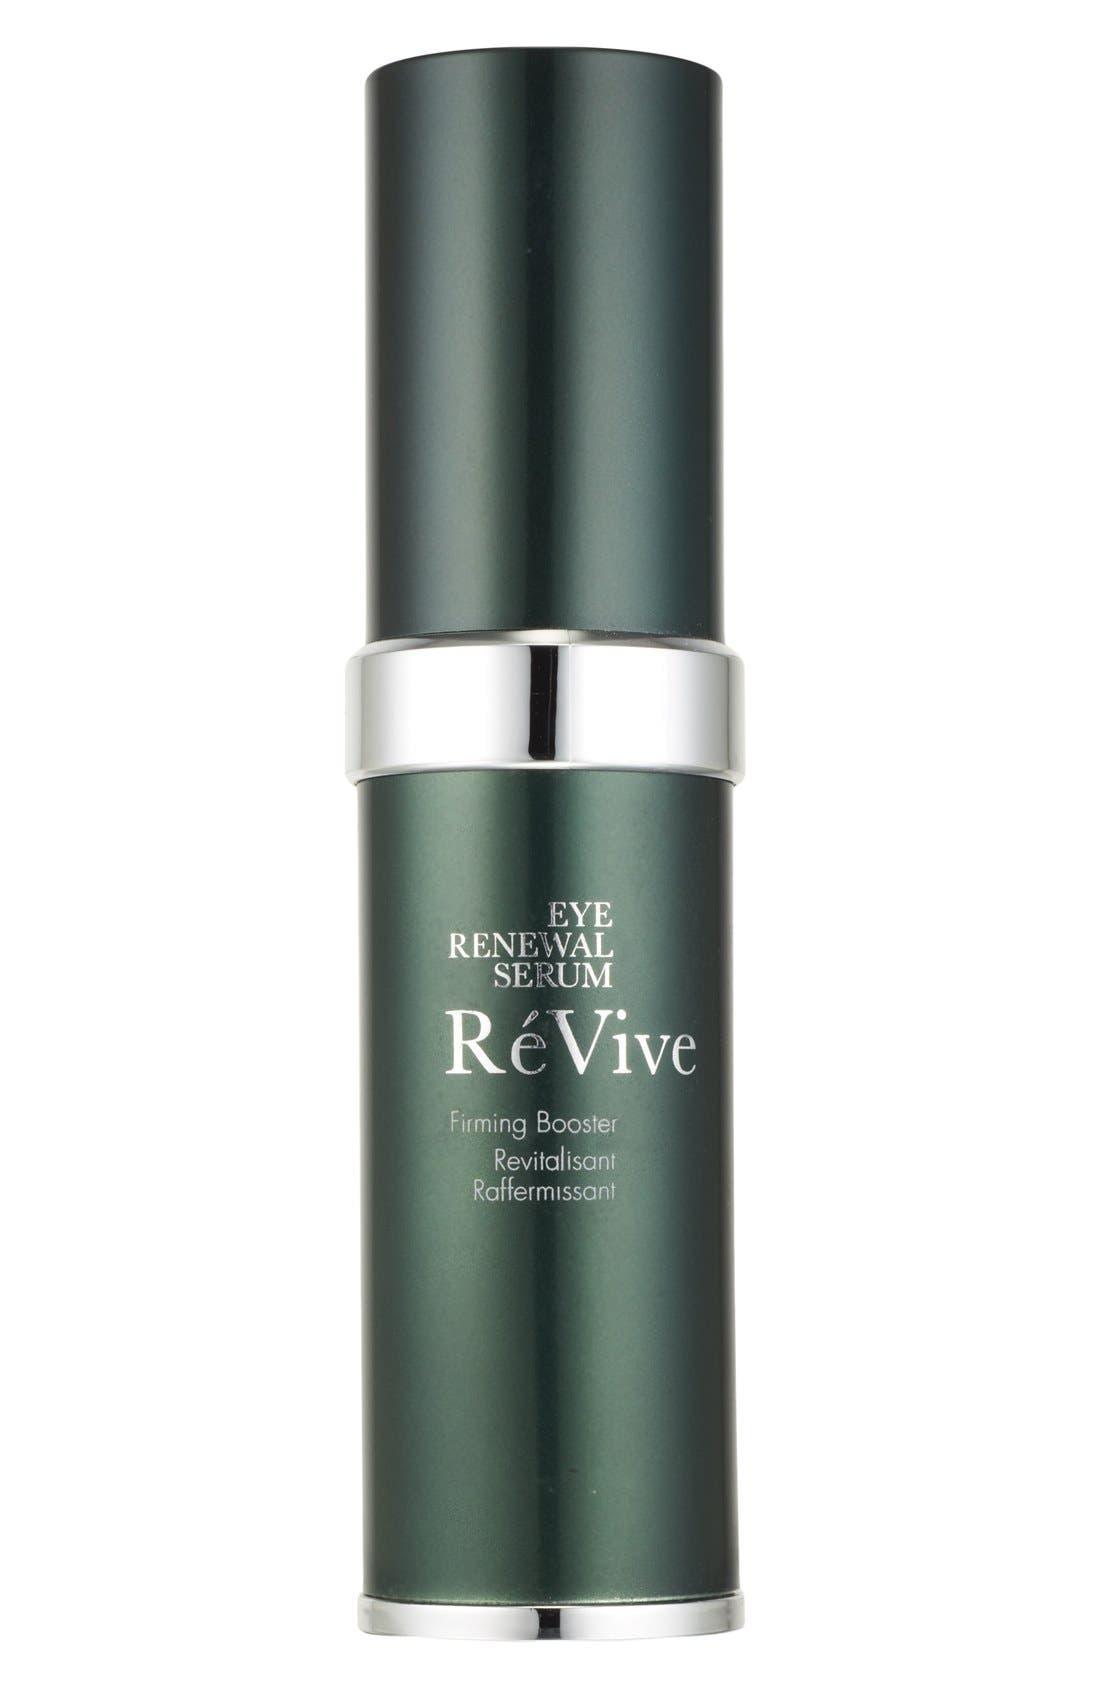 Revive Eye Renewal Serum Firming Booster, Size 0.5 oz